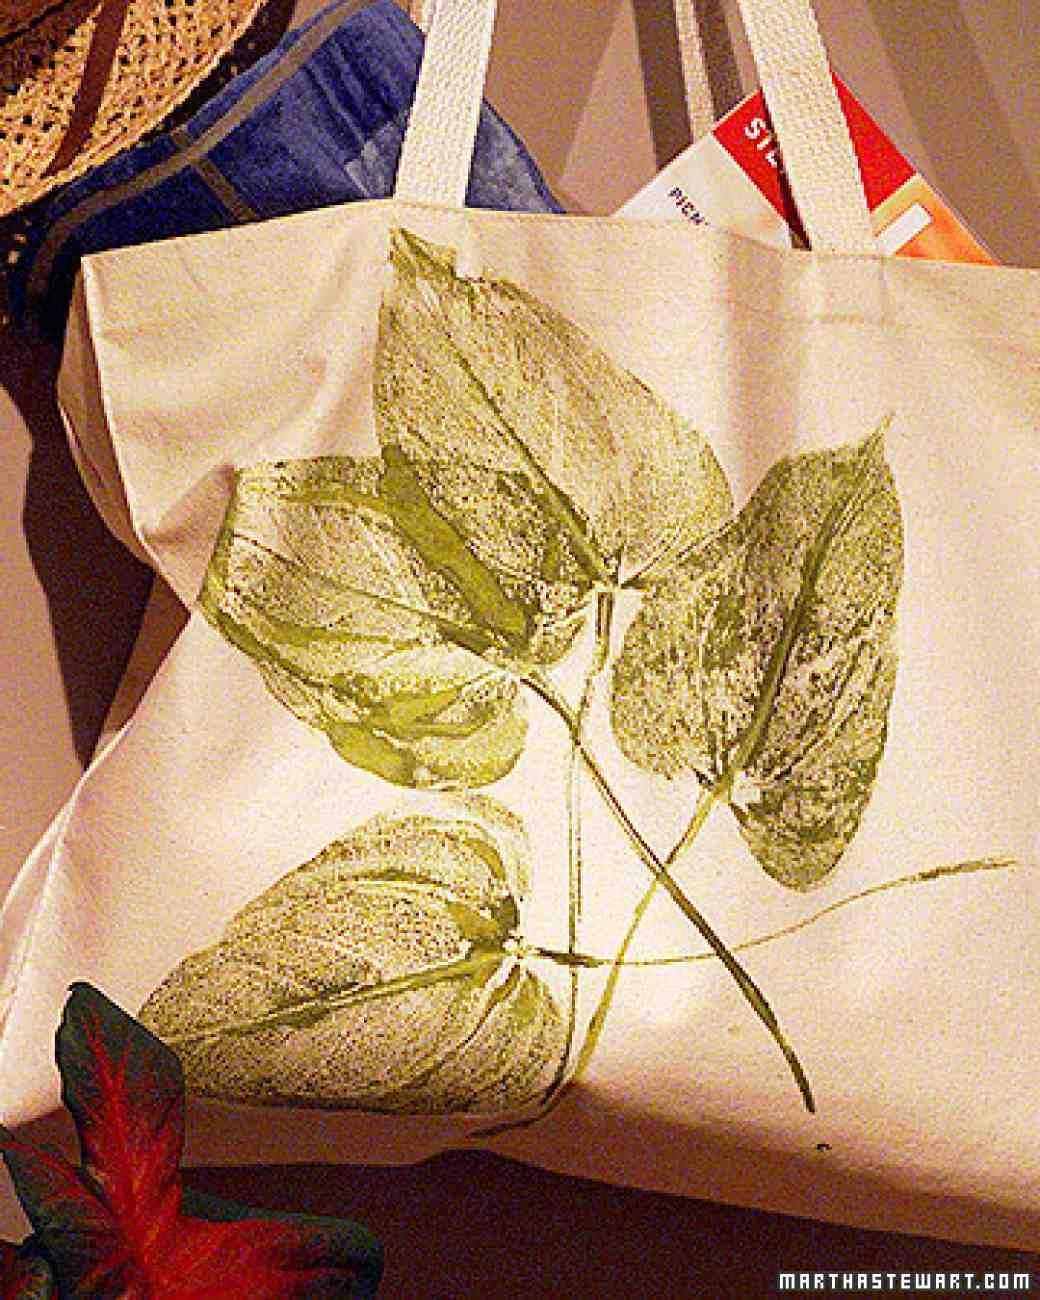 Leaf Print Tote Bag Leaf crafts, Printed tote bags, Crafts